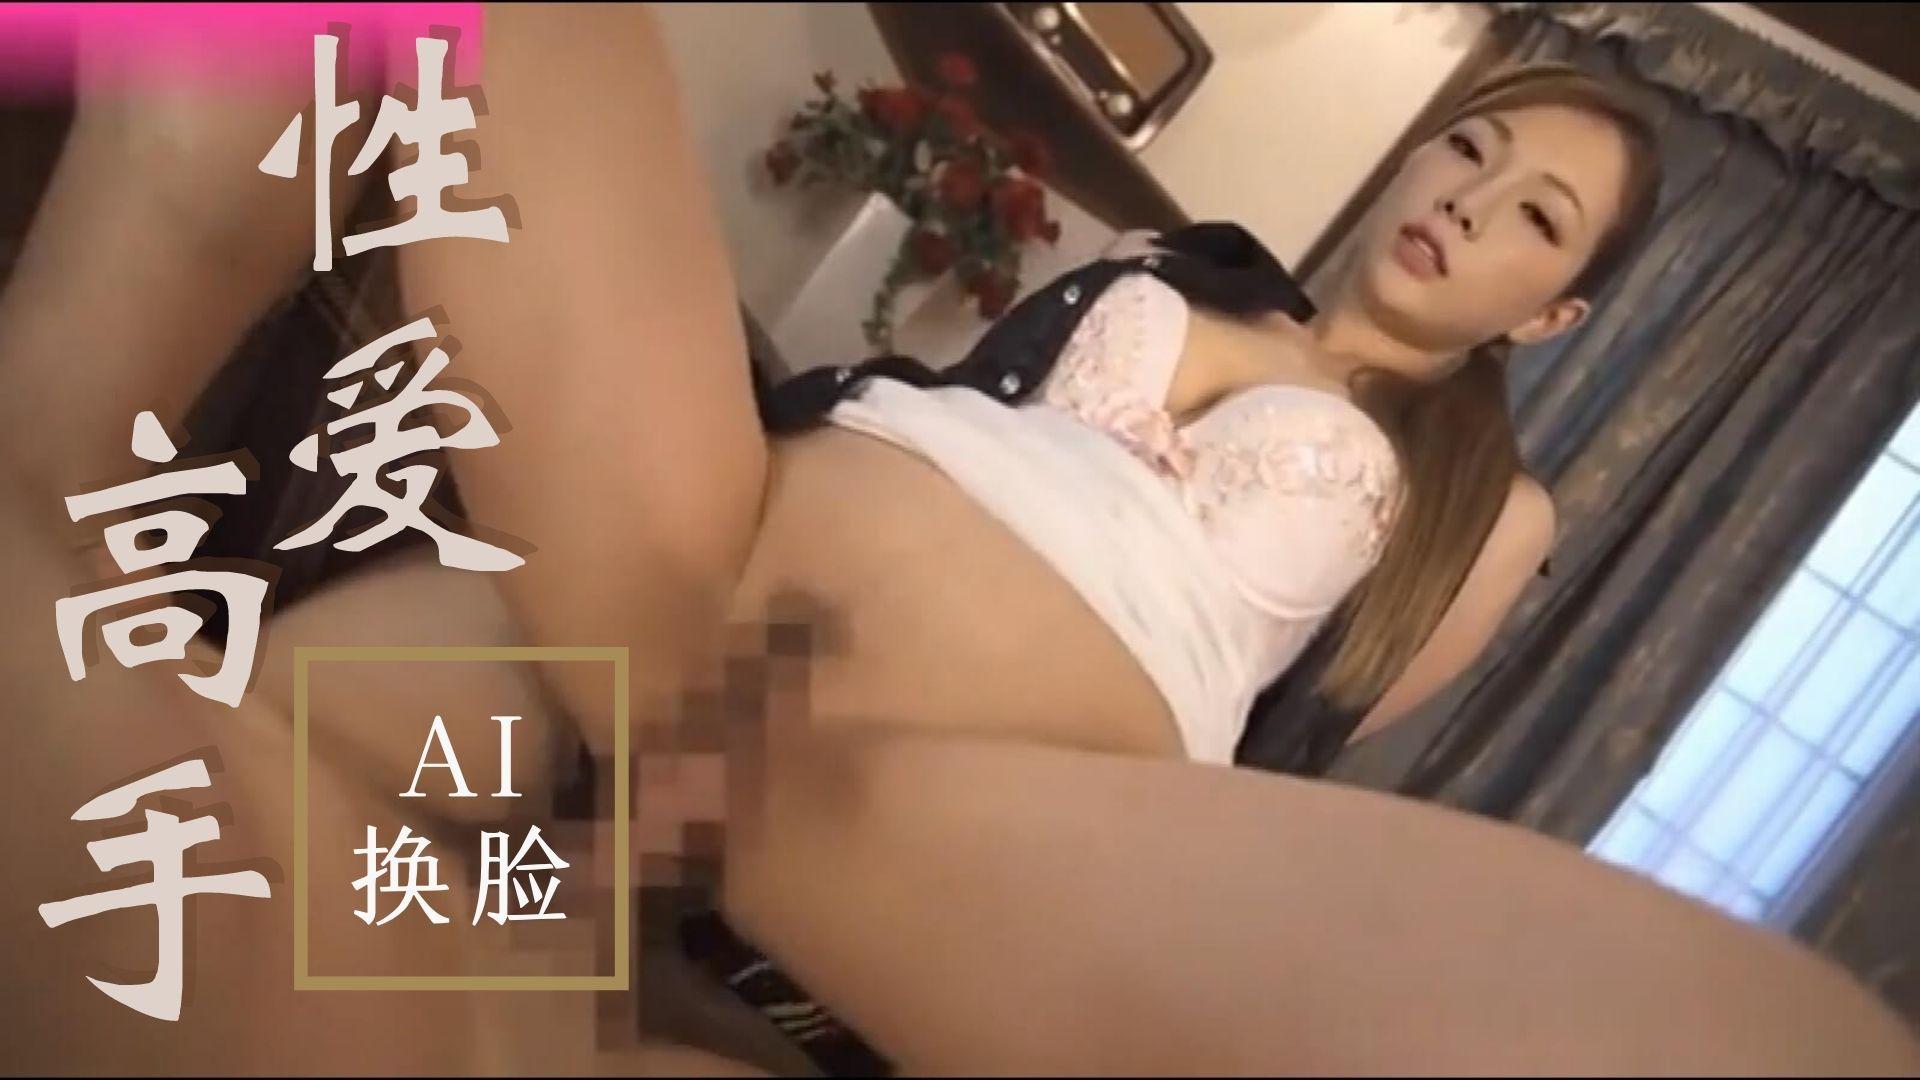 天天日天天怼-Al—金太妍 性愛高手